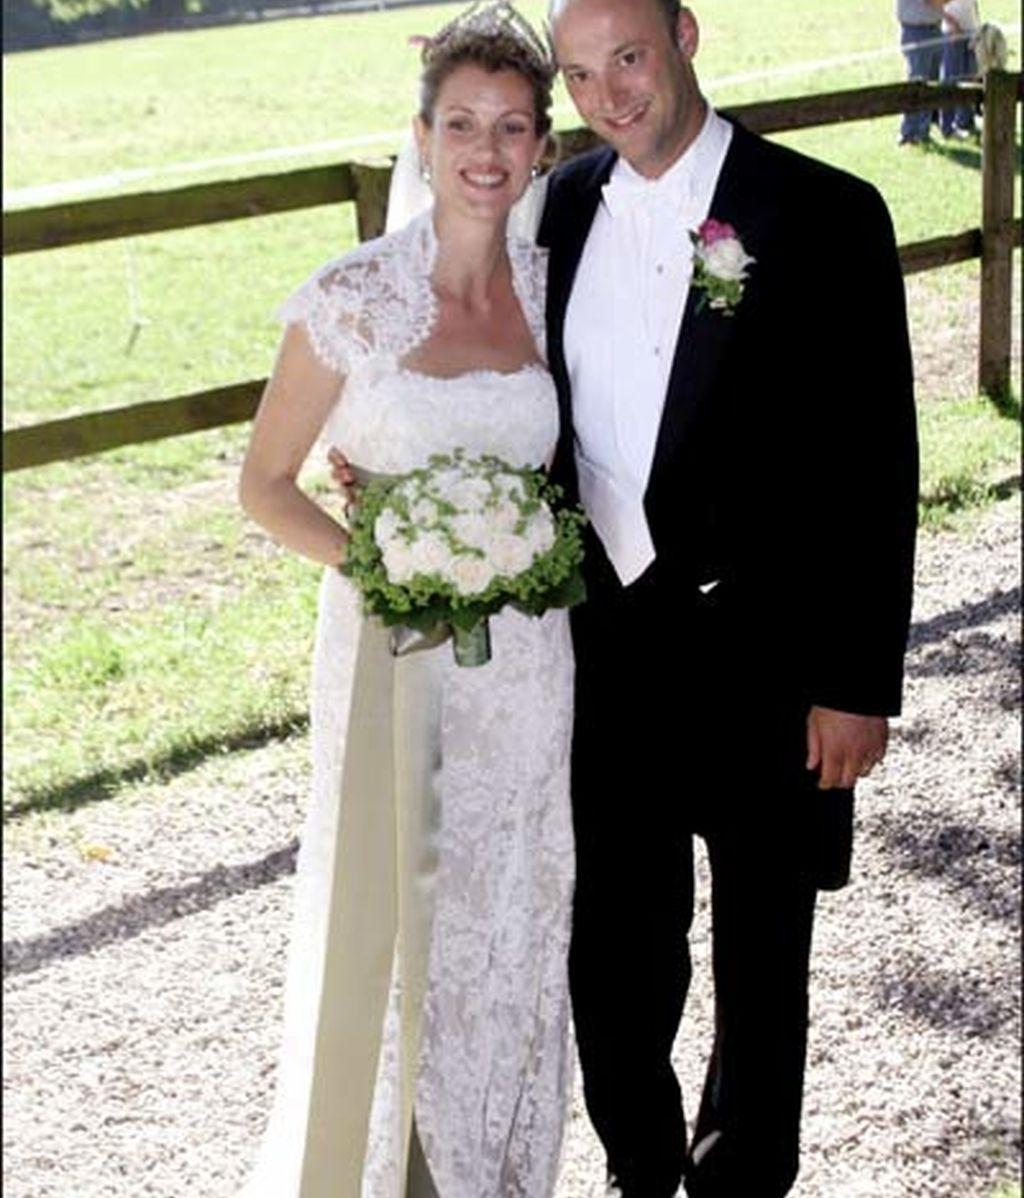 10-06-2006 Laetitia Bechtolf y el príncipe Philipp de Hesse/ Alemania